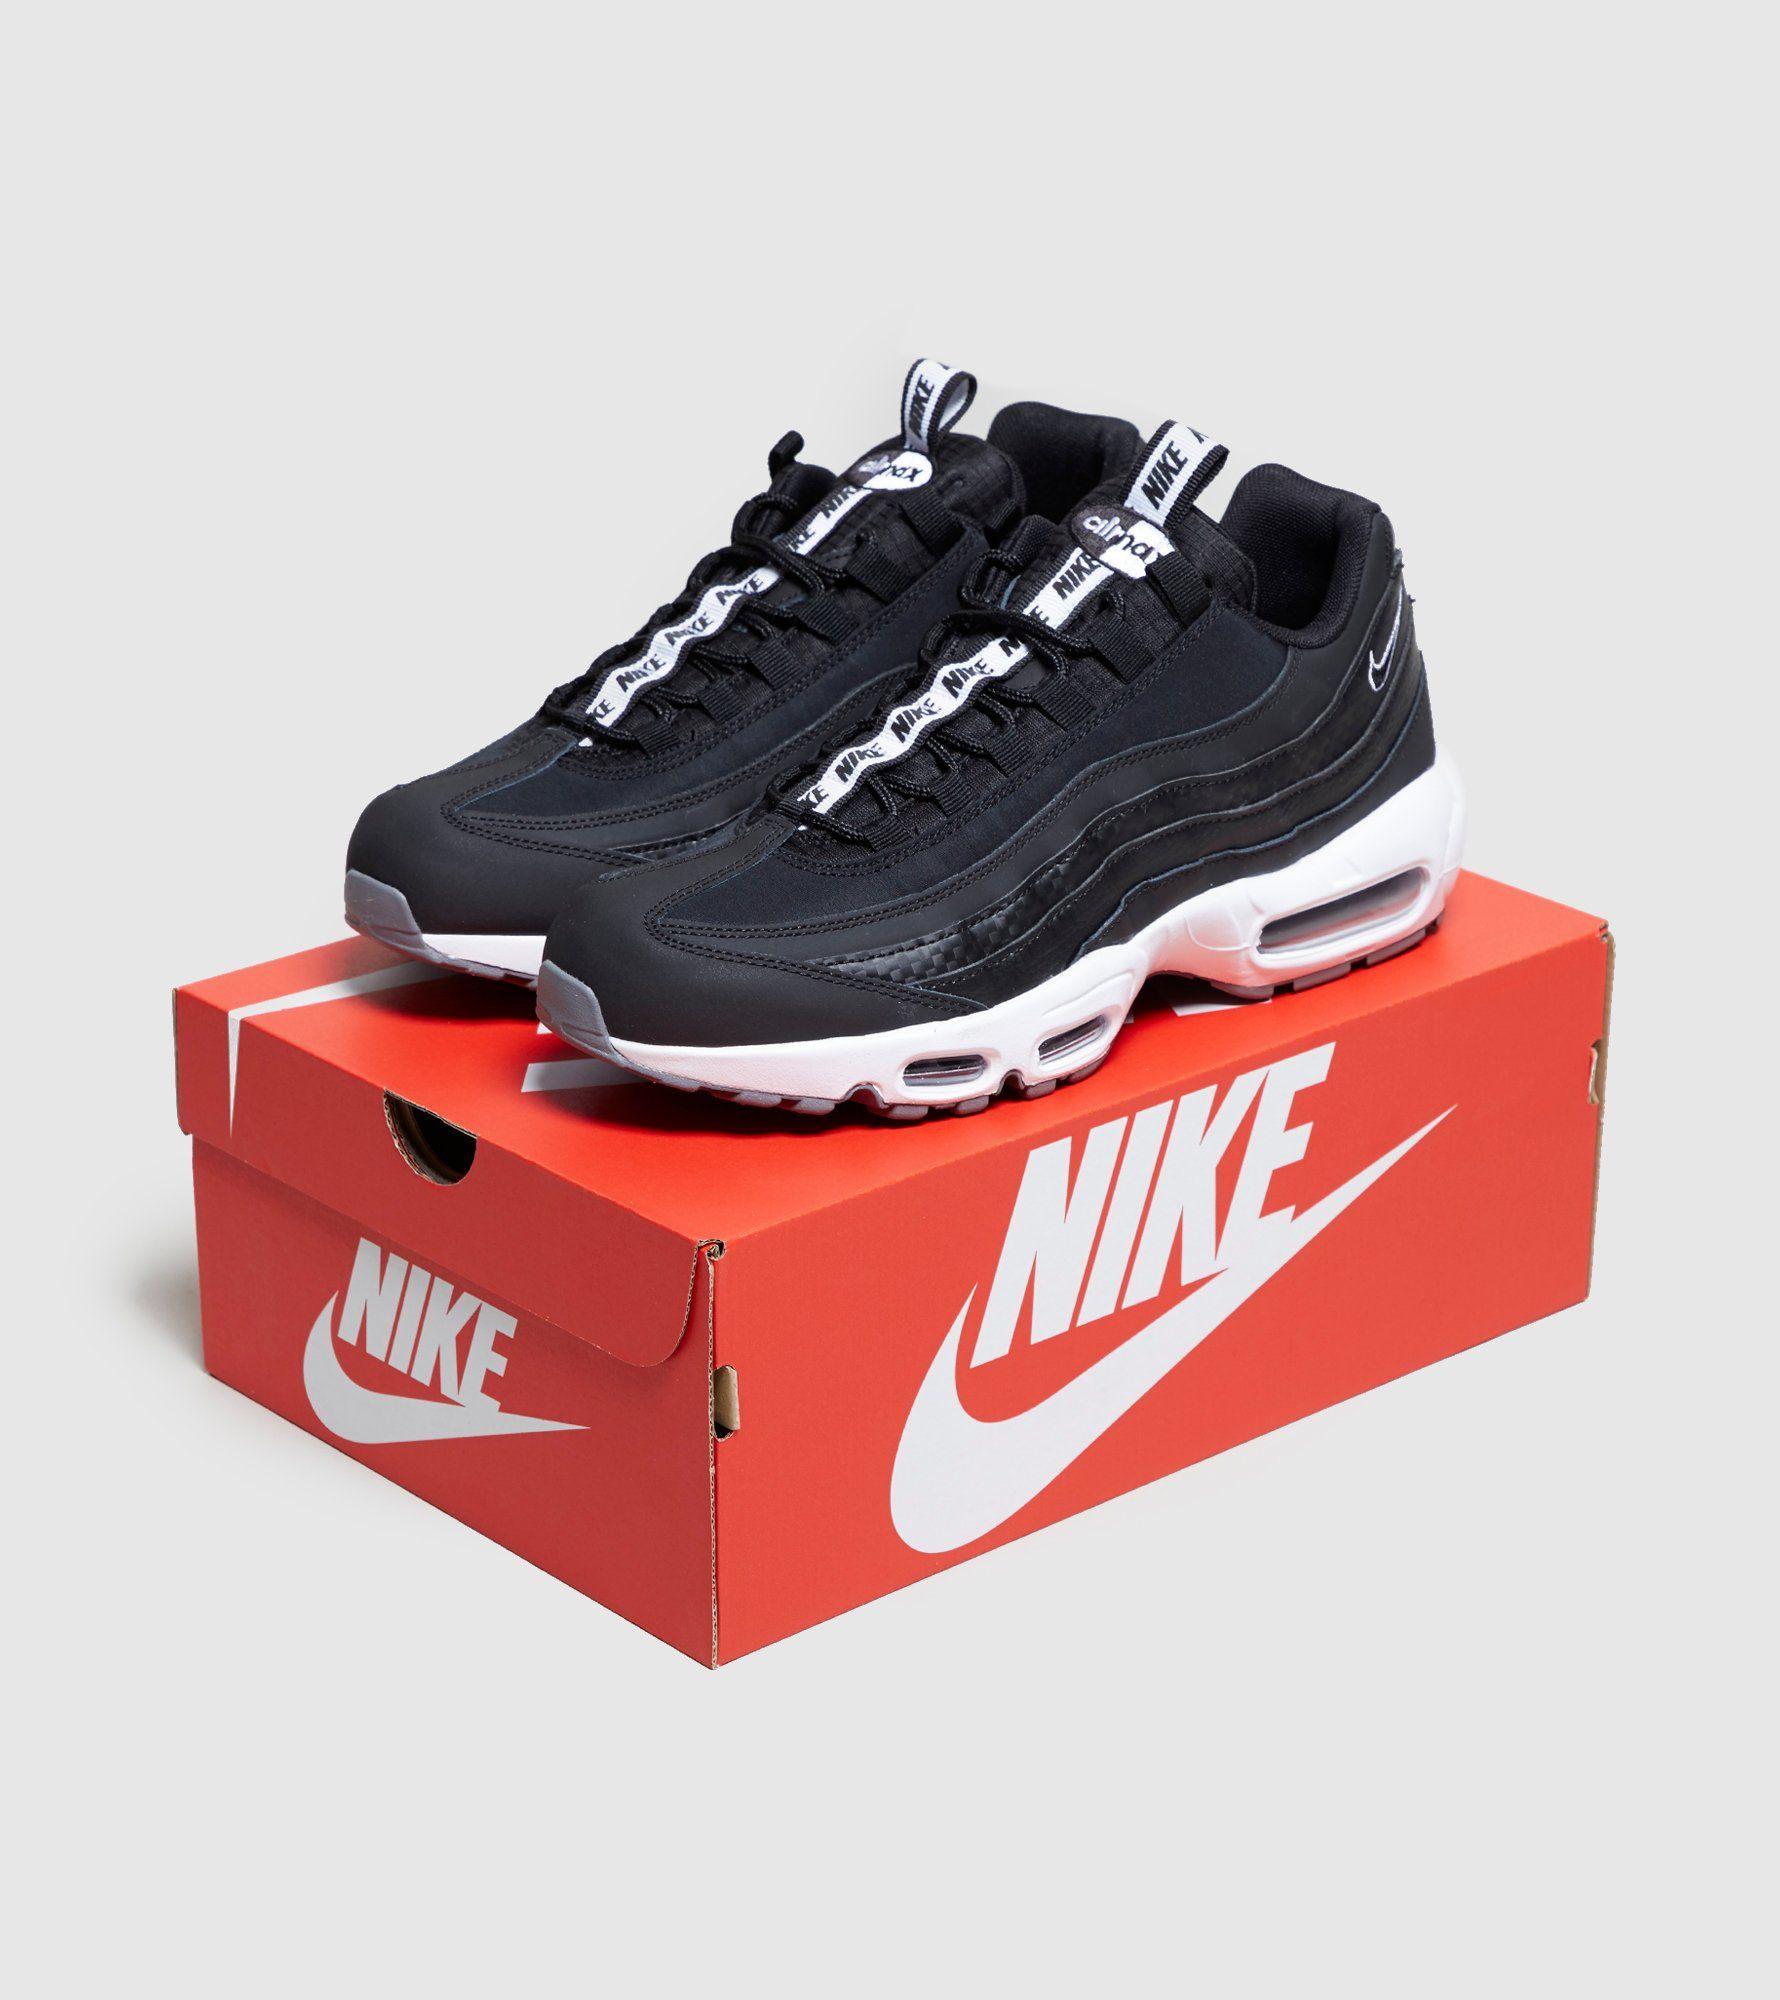 Nike Air Max 95 'Taped'